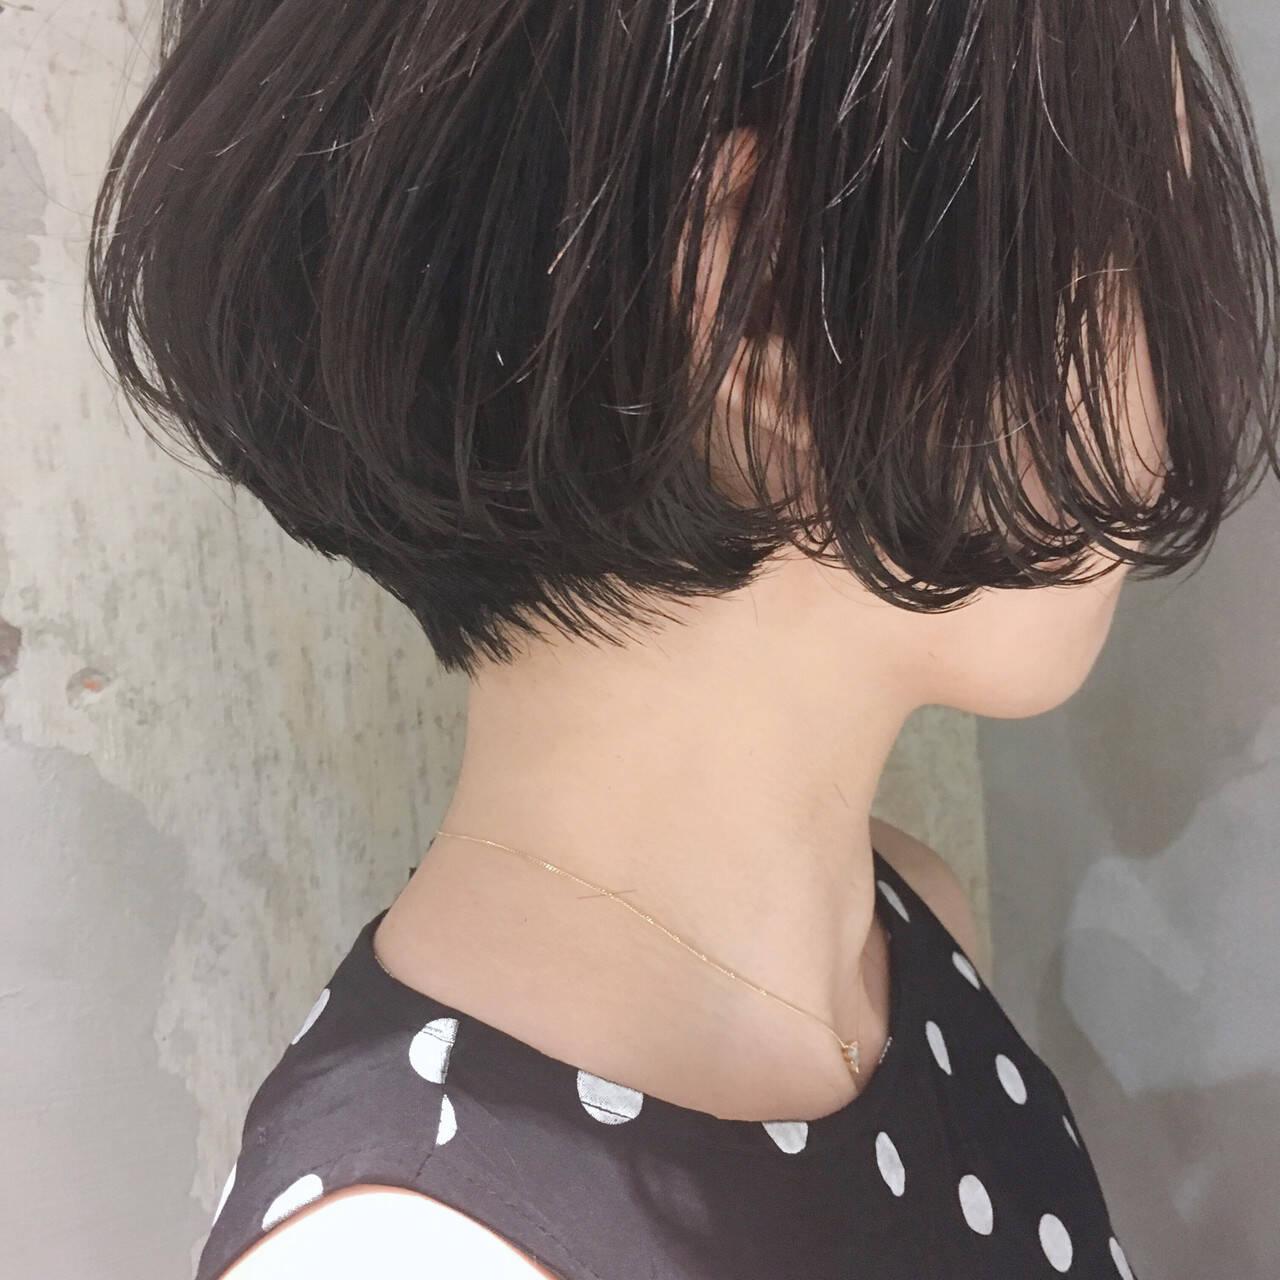 デジタルパーマ ハンサムショート アンニュイほつれヘア ショートボブヘアスタイルや髪型の写真・画像